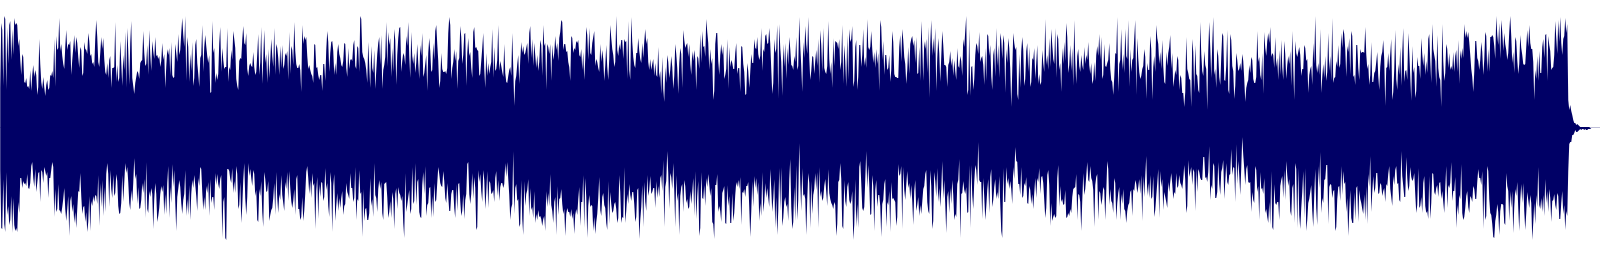 waveform of track #129740